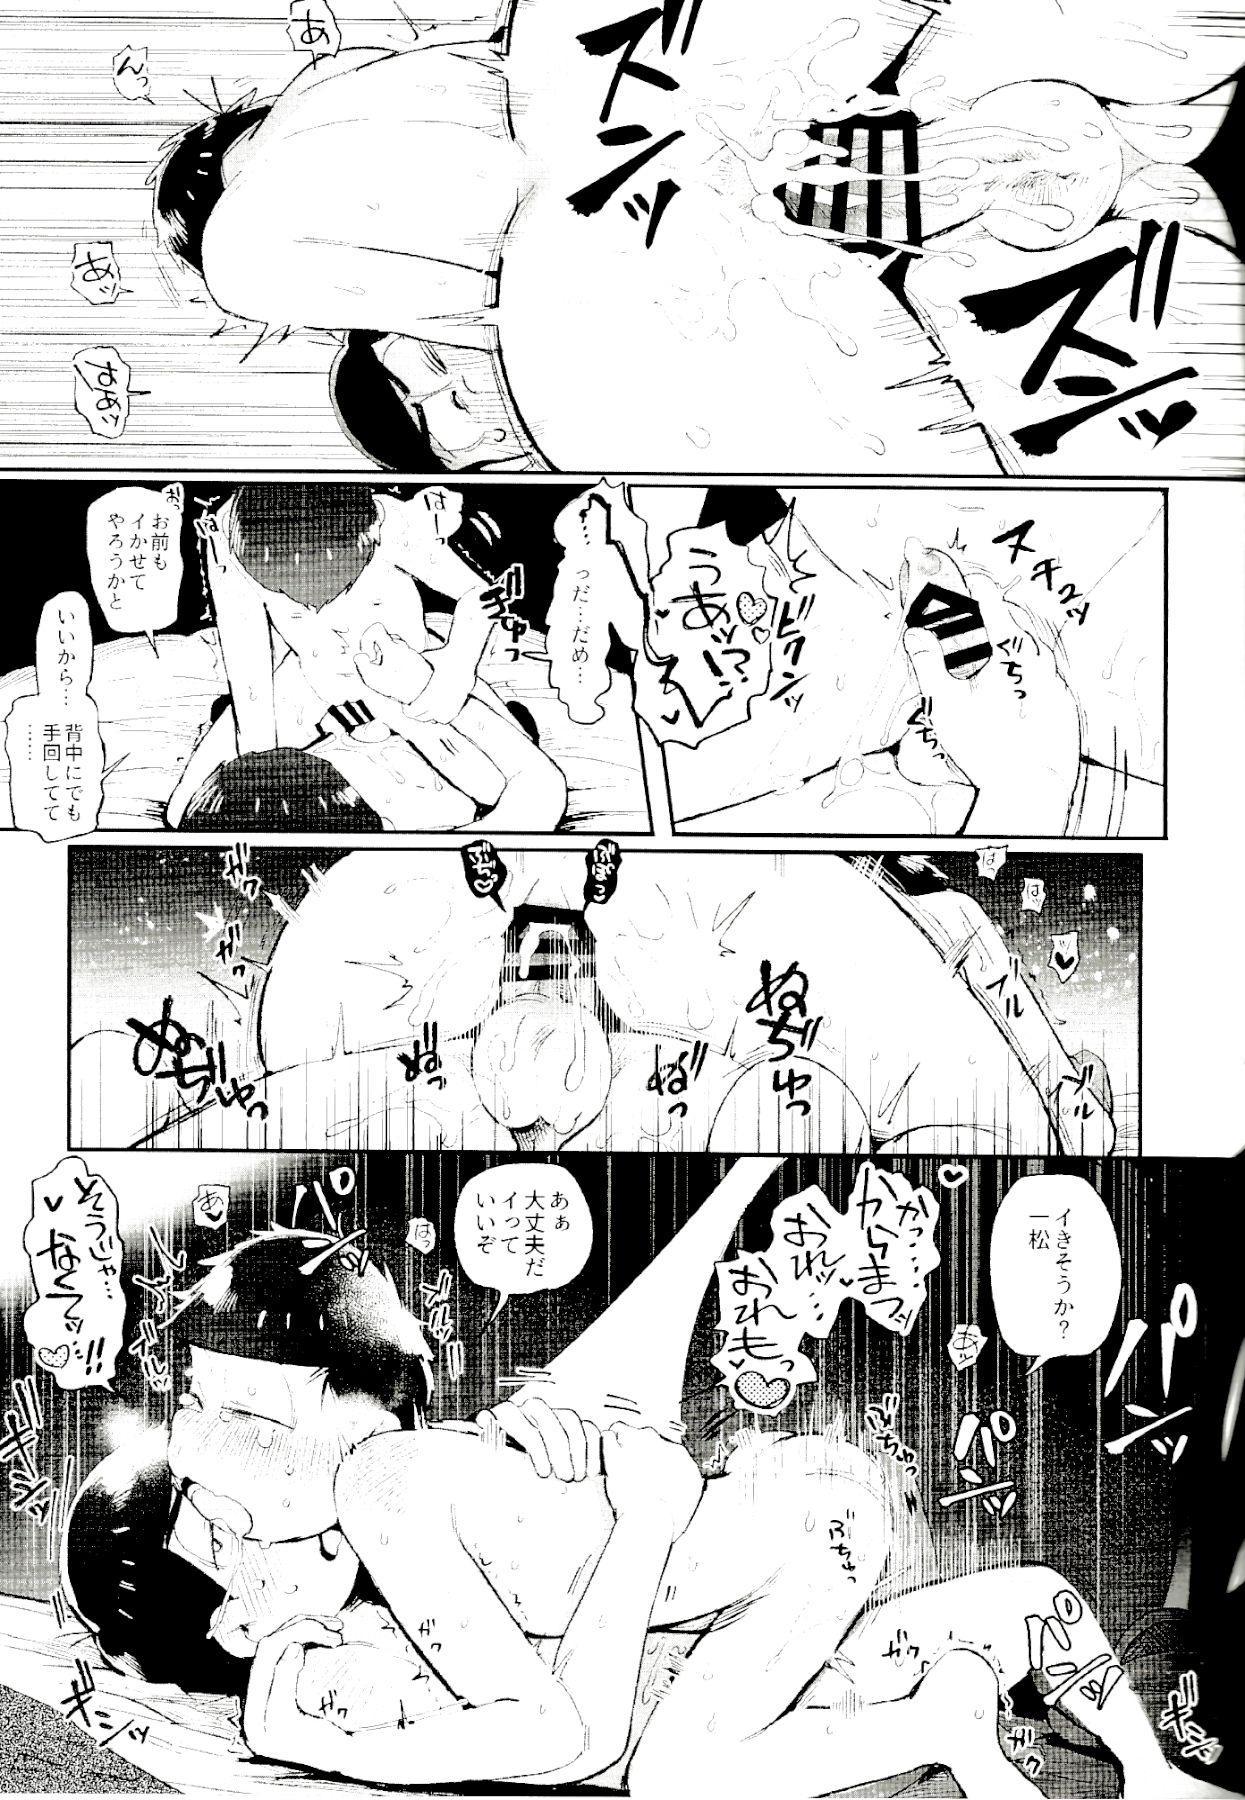 Kore ga Bokura no Imashime Riron 38